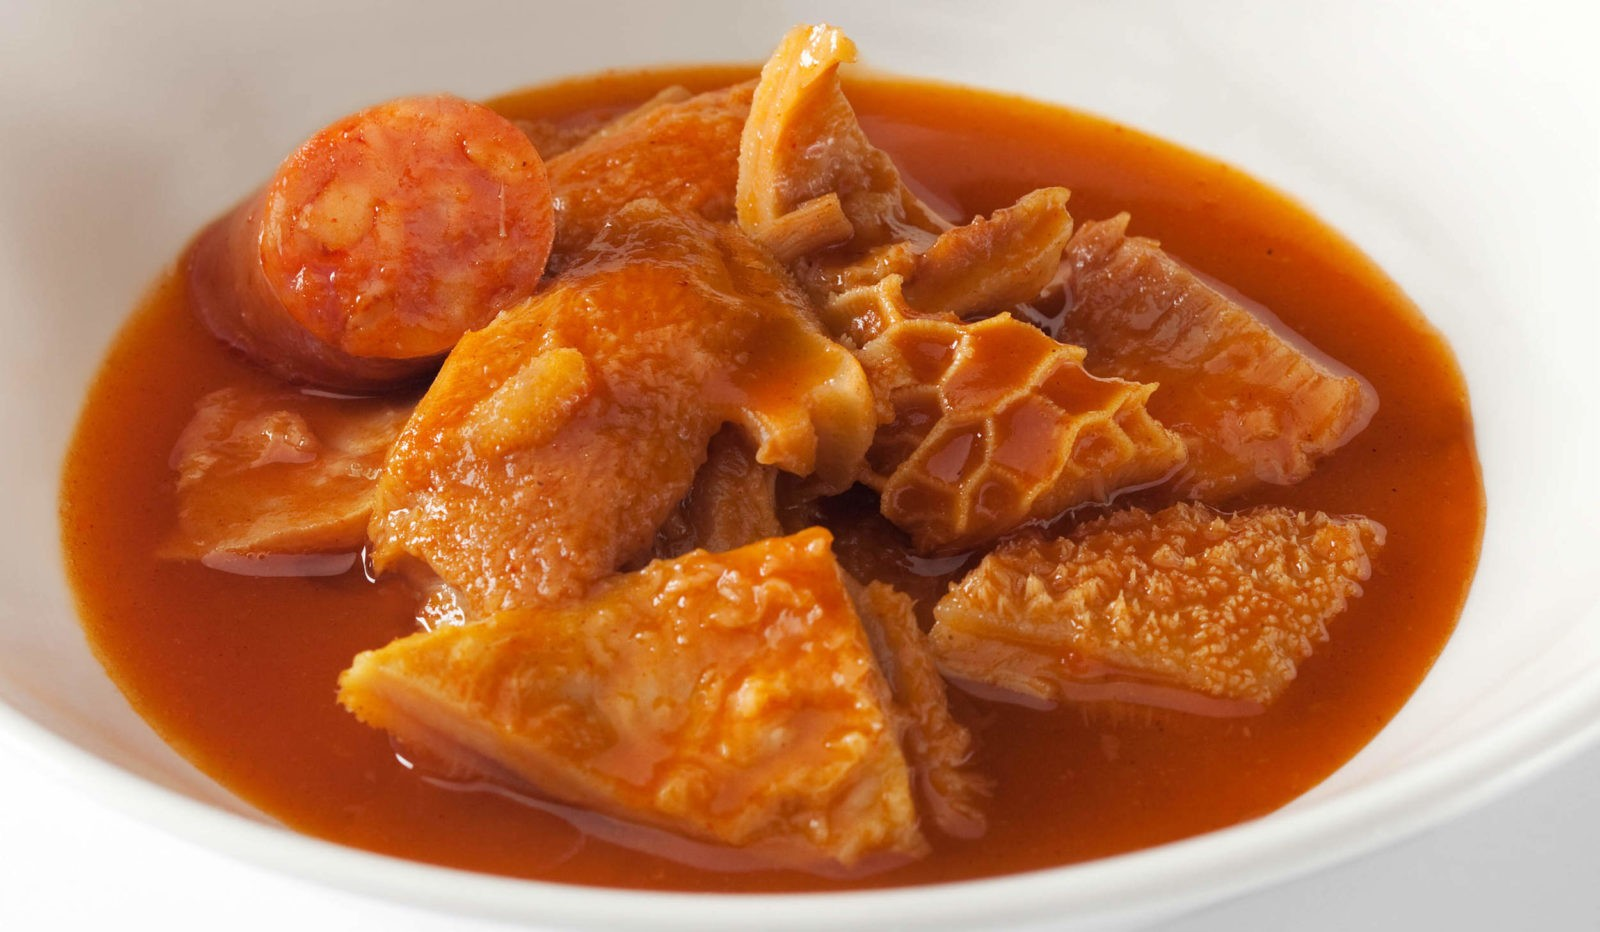 Callos – кусочки говяжьего желудка, предварительно вымоченные в уксусе и тушеные с разными колбасками (как правило, с морсильей и чоризо) с добавлением паприки, острого перца, мускатного ореха, лука, чеснока и томатной пасты.